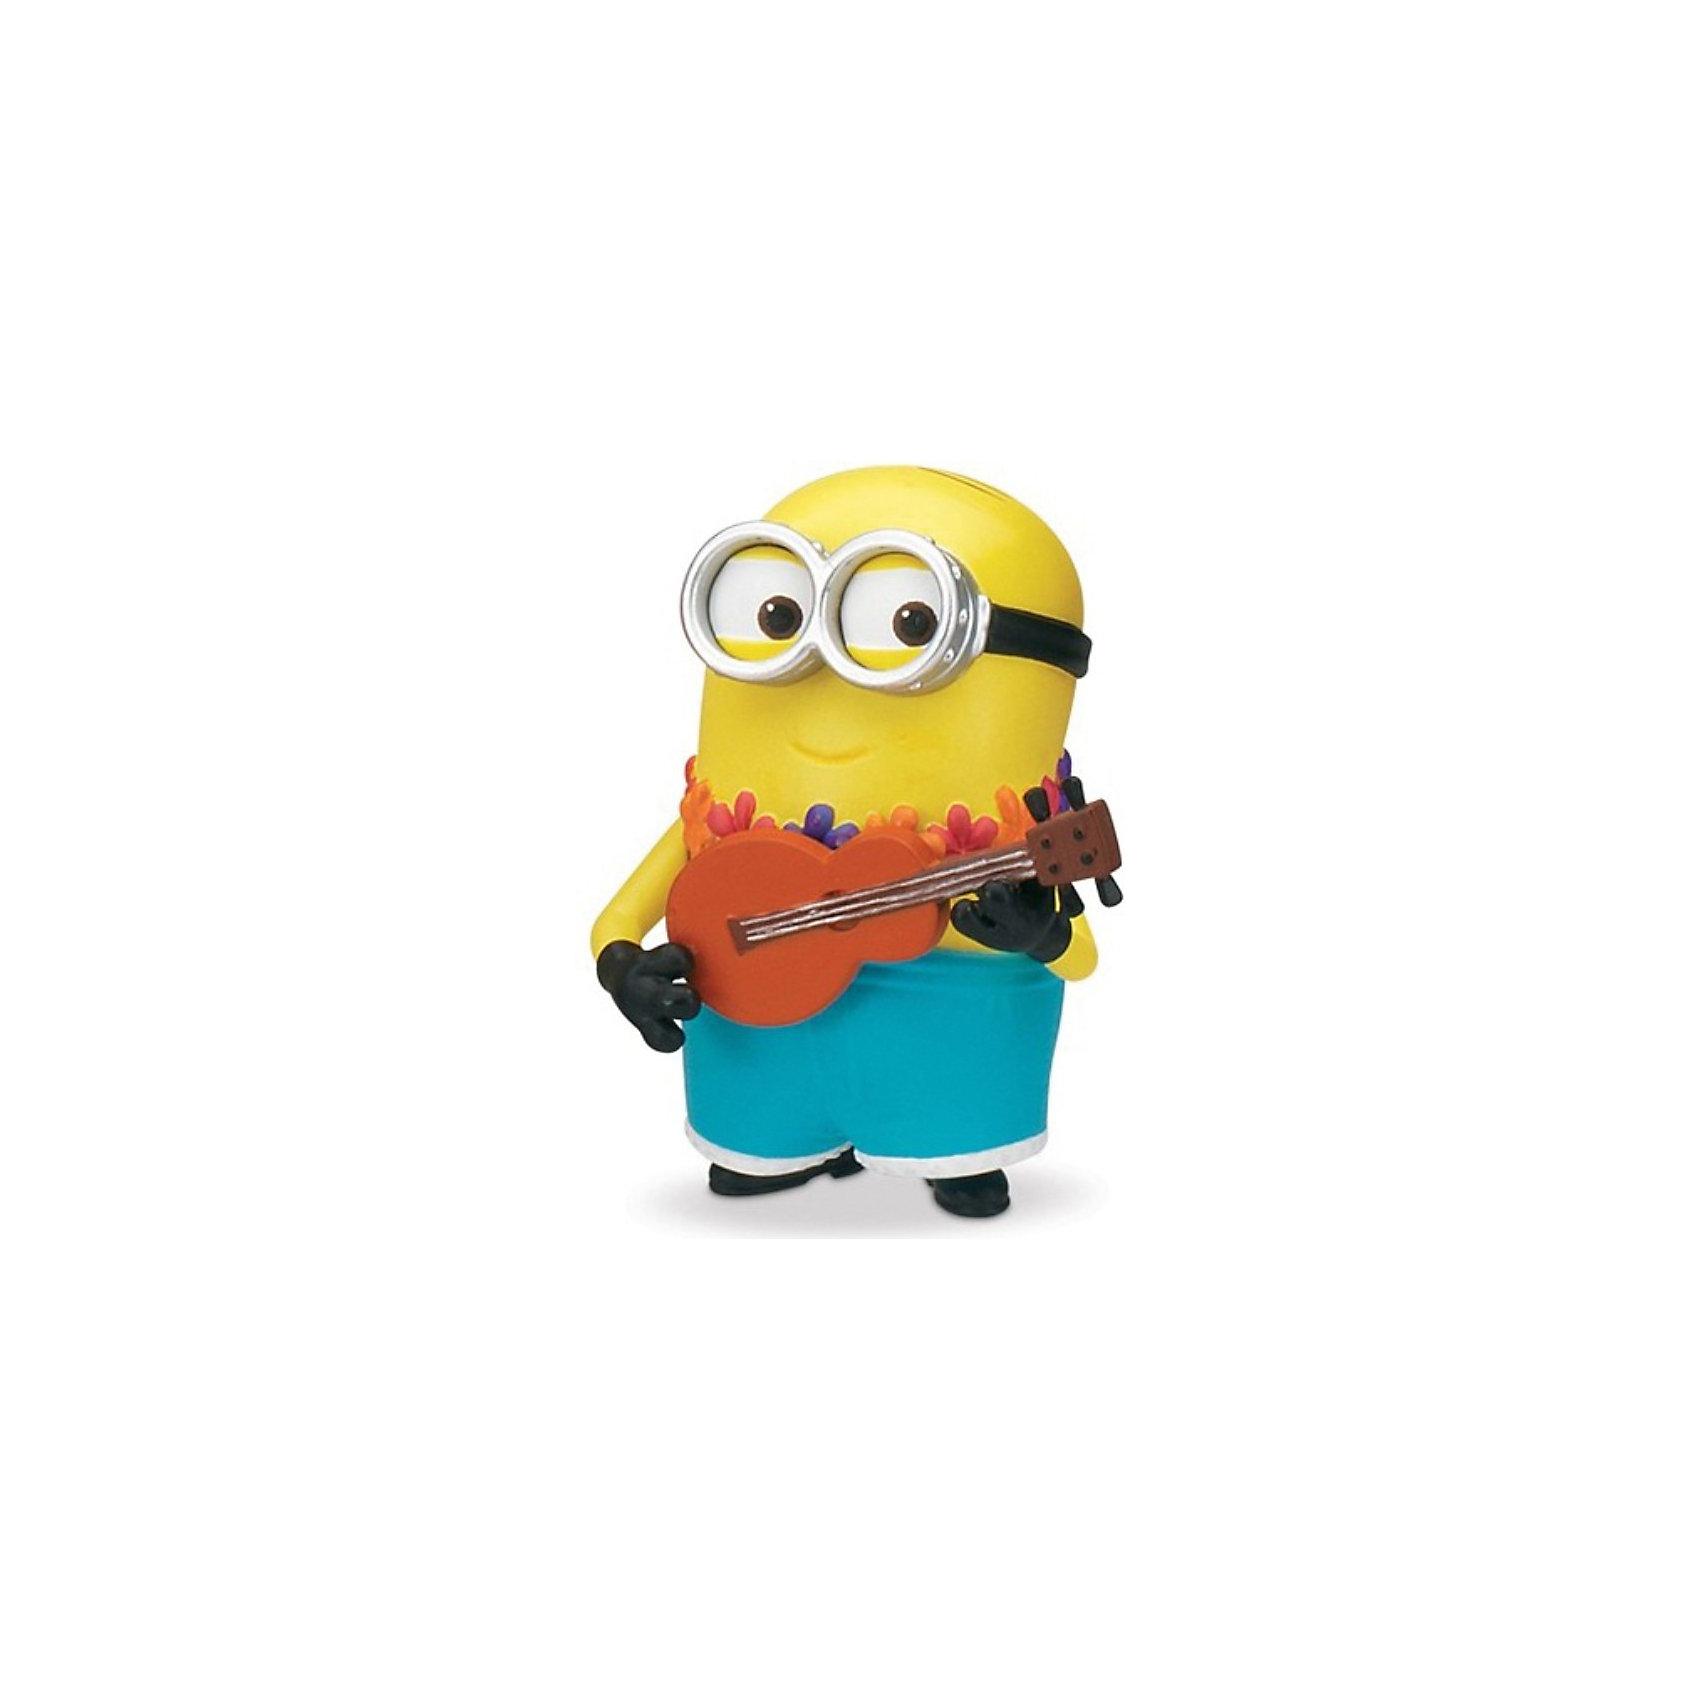 Гавайский миньон,  Гадкий ЯФигурка Гавайского миньона, Гадкий Я создана по мотивам популярного мультфильма Гадкий Я (Despicable Me) и придется по душе всем его поклонникам. По сюжету злодей Грю создал целую армию забавных существ - миньонов, которые являются для него слугами и помощниками. Эти трудолюбивые и смешные желтые существа  имеют один или два глаза и носят круглые очки. Гавайский миньон одет в яркие голубые шорты и гирлянду из цветов, у фигурки забавное лицо, два глаза и очки. Руки и ноги подвижные, в руки можно вложить гитару (входит в комплект).<br><br>Дополнительная информация:<br><br>- В комплекте: фигурка, аксессуар.<br>- Материал: пластик.<br>- Высота фигурка: 5 см.<br>- Размер упаковки: 10 х 5 х 19 см.<br>- Вес: 100 гр.<br><br>Гавайского миньона, Гадкий Я можно купить в нашем интернет-магазине.<br><br>Ширина мм: 100<br>Глубина мм: 50<br>Высота мм: 190<br>Вес г: 100<br>Возраст от месяцев: 36<br>Возраст до месяцев: 84<br>Пол: Унисекс<br>Возраст: Детский<br>SKU: 3893464